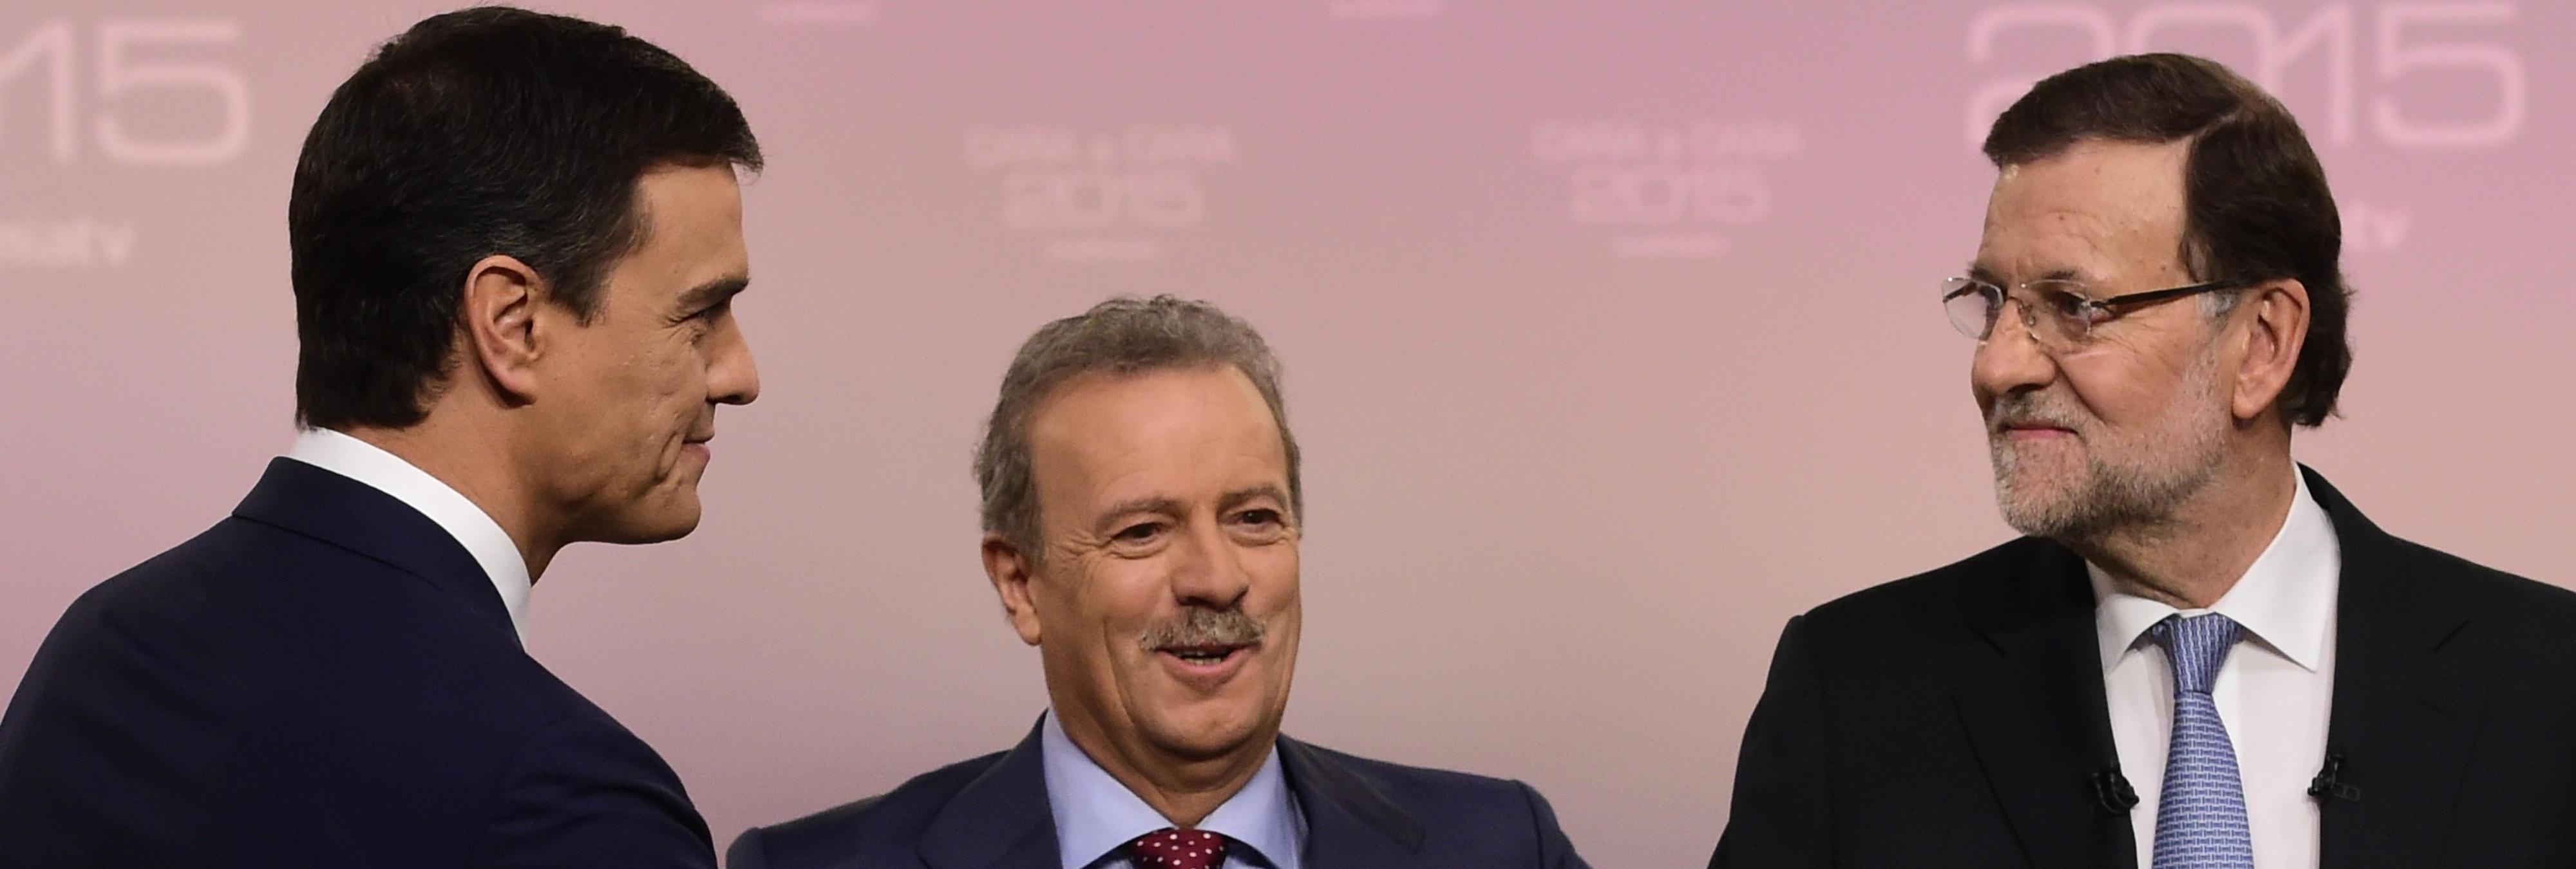 El troleo épico de Izquierda Unida al Cara a Cara entre Rajoy y Sánchez